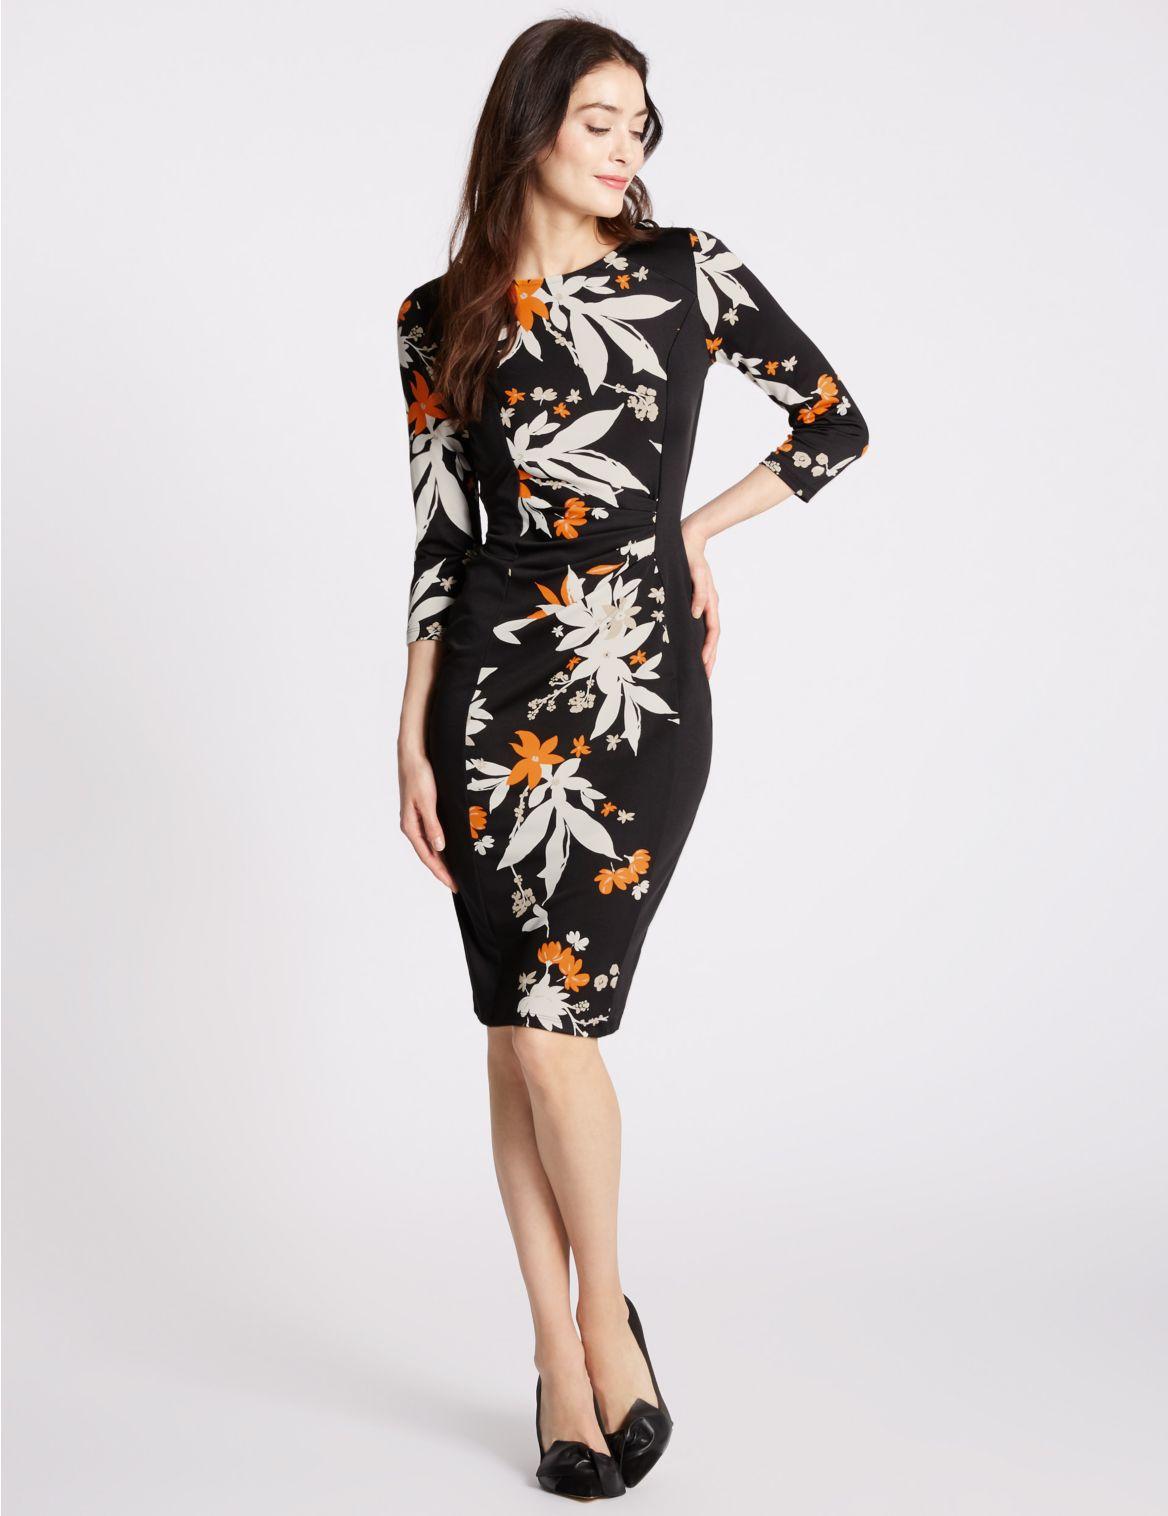 Rechte jurk met bloemmotief